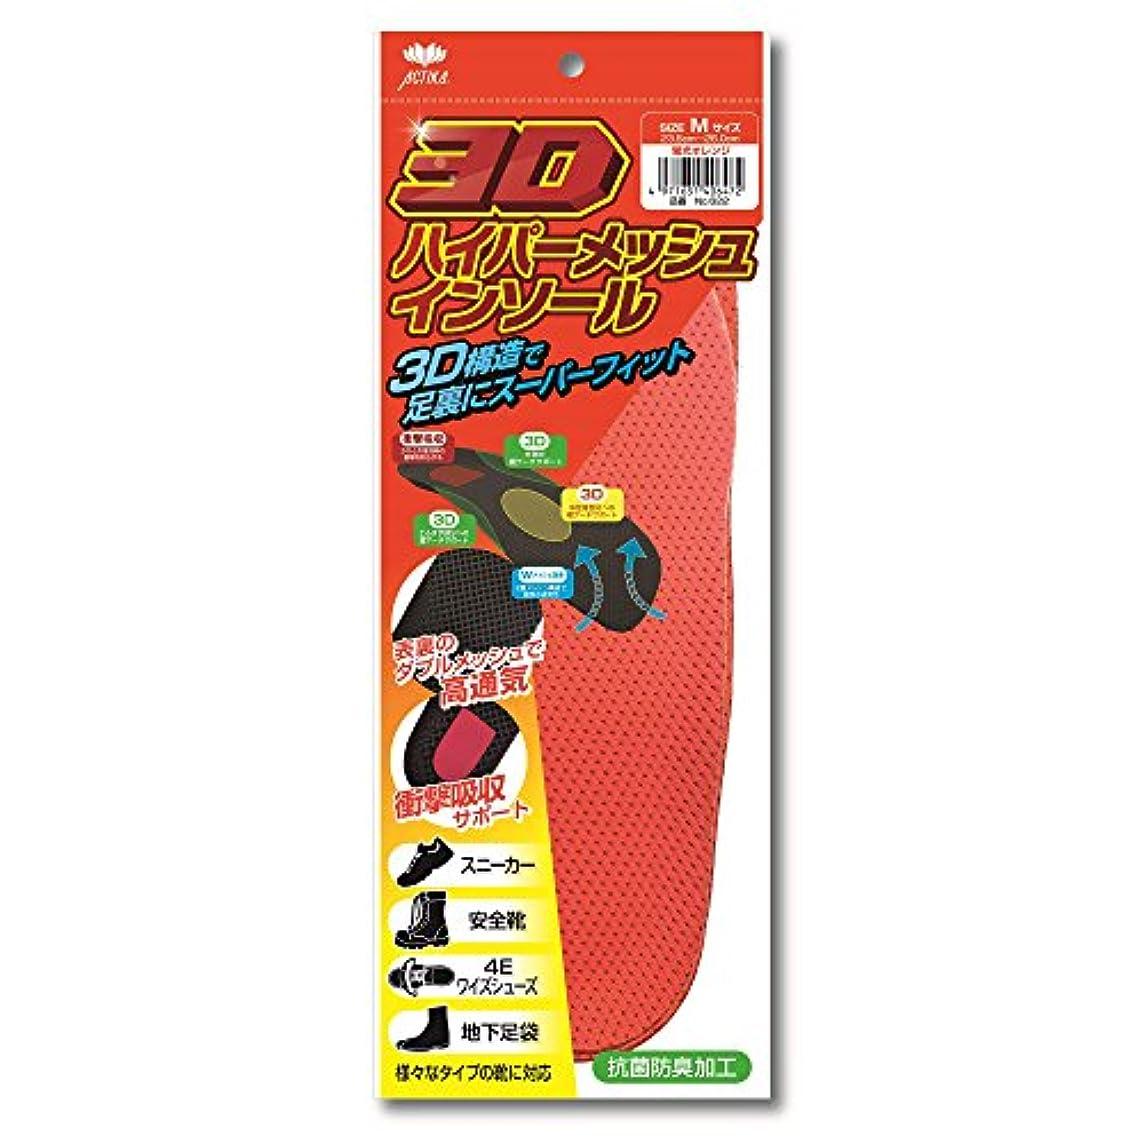 留まる信じる挑発するアクティカ 3Dハイパーメッシュインソール オレンジ 男性用 No.622 M(23.5~26.0cm)